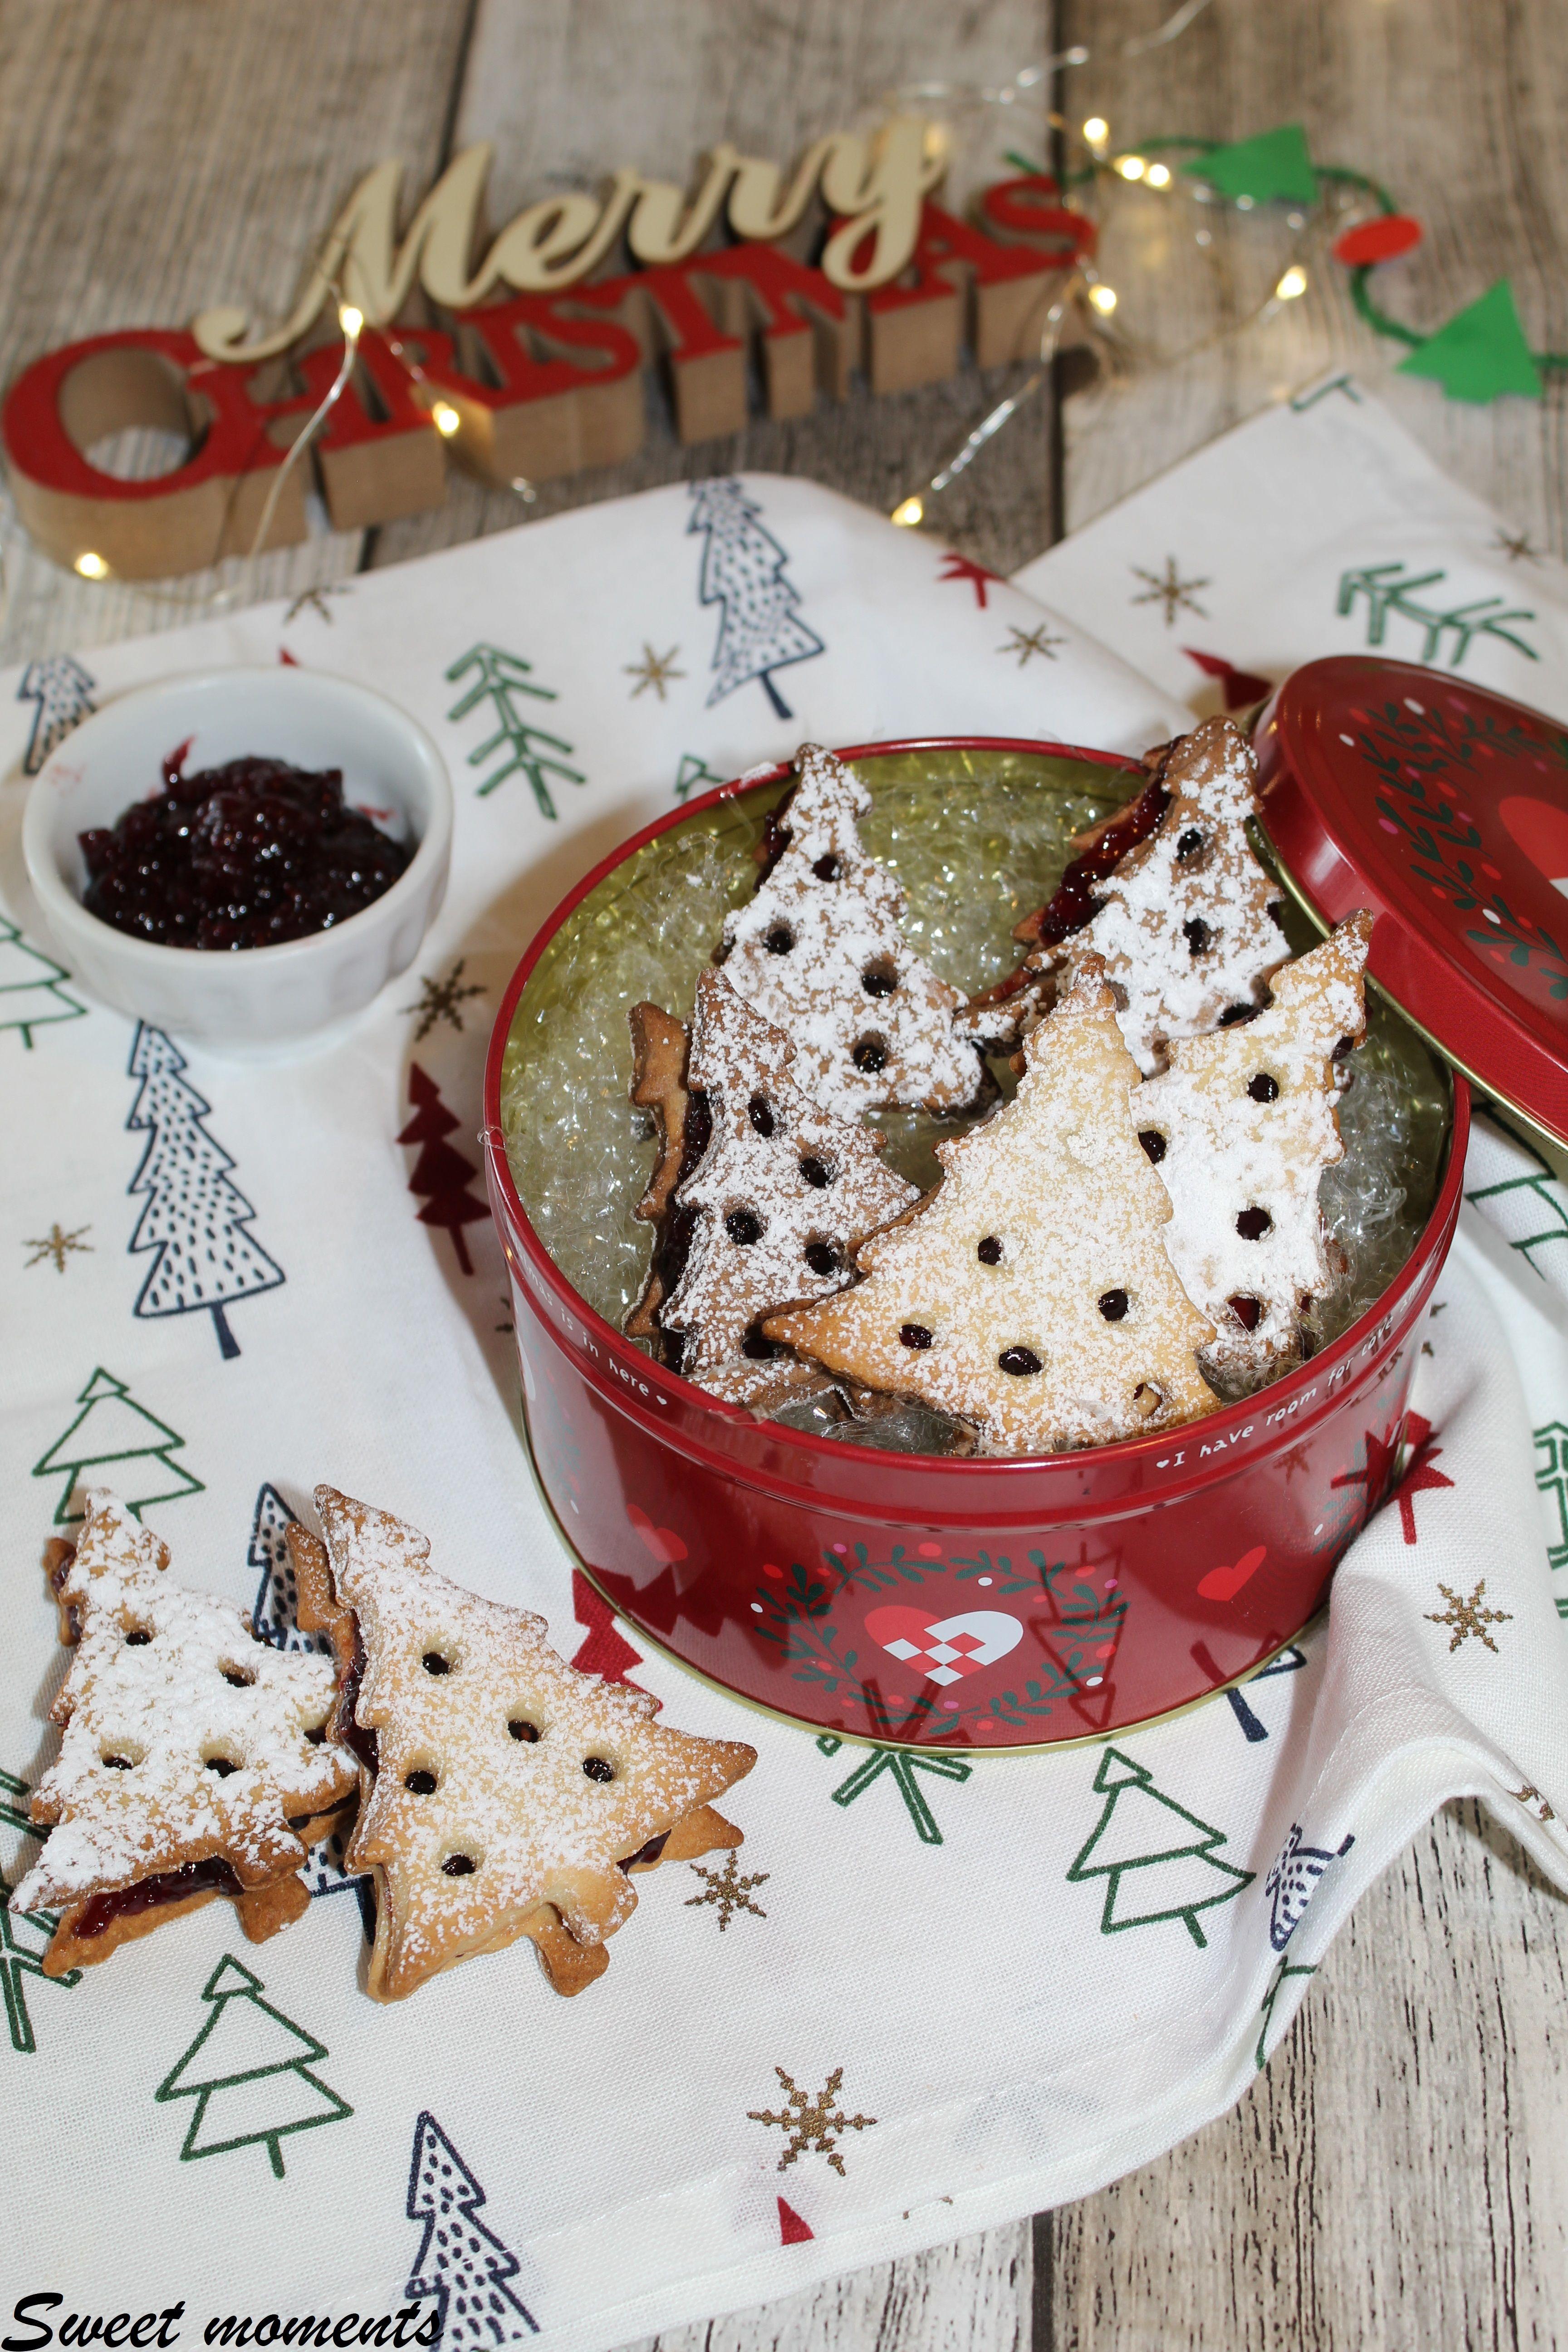 Dolci Di Natale Elenco.Alberelli In Pasta Frolla Con Marmellata Elenco Ricette